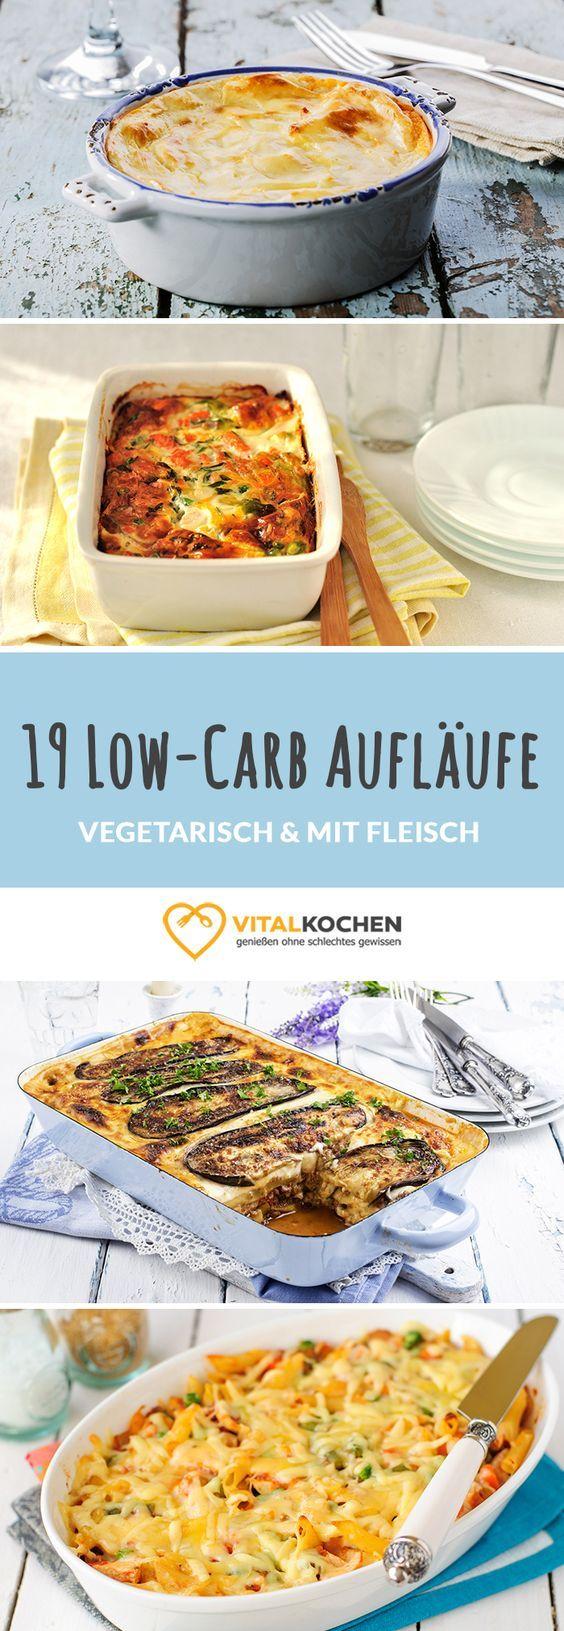 19 low carb auflauf rezepte f r den abend mit fisch fleisch vegetarisch vegan einfach. Black Bedroom Furniture Sets. Home Design Ideas